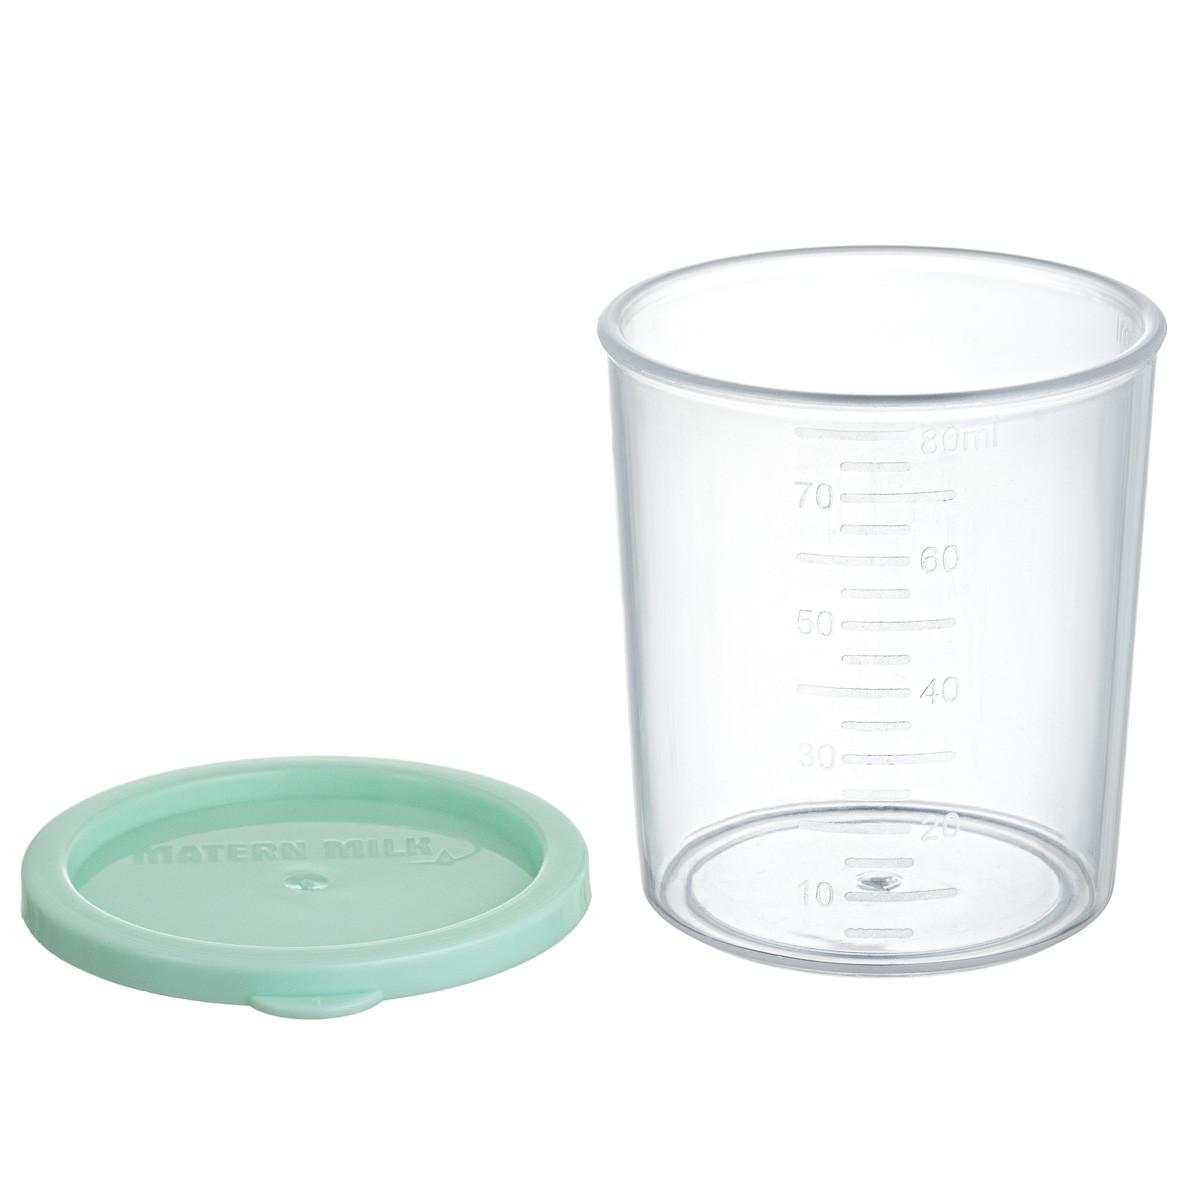 Kit 20 Copos Para Armazenamento de Leite Materno Matern Milk